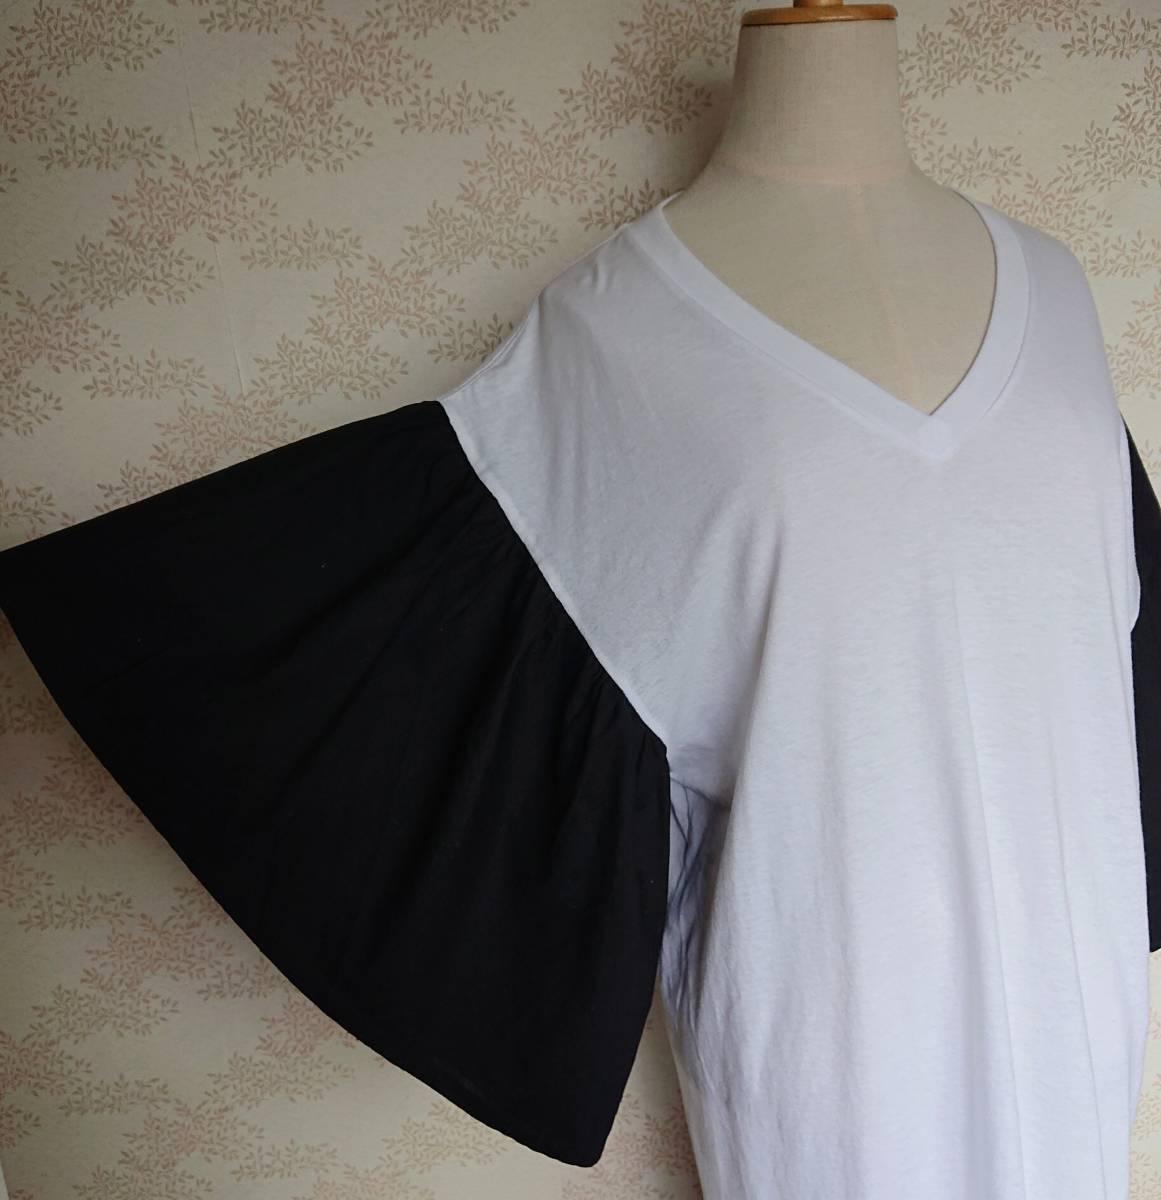 リメイクT Tシャツ Vネック 古着 リメイク ホワイト 1点物 ヴィンテージ vintage ボリュ-ム袖 ボリュ-ムスリーブ Big BigT ビッグ 白 黒_画像4